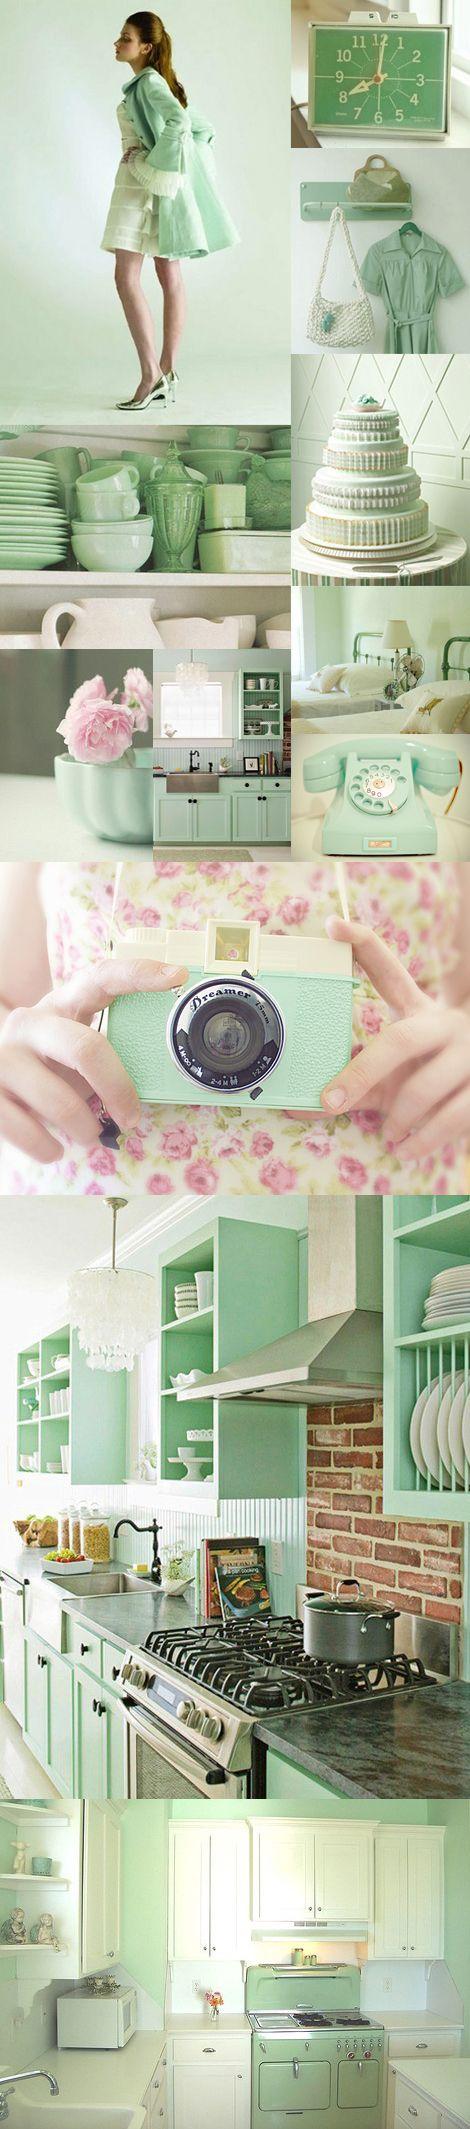 Mint green color trend interior deco woonblog